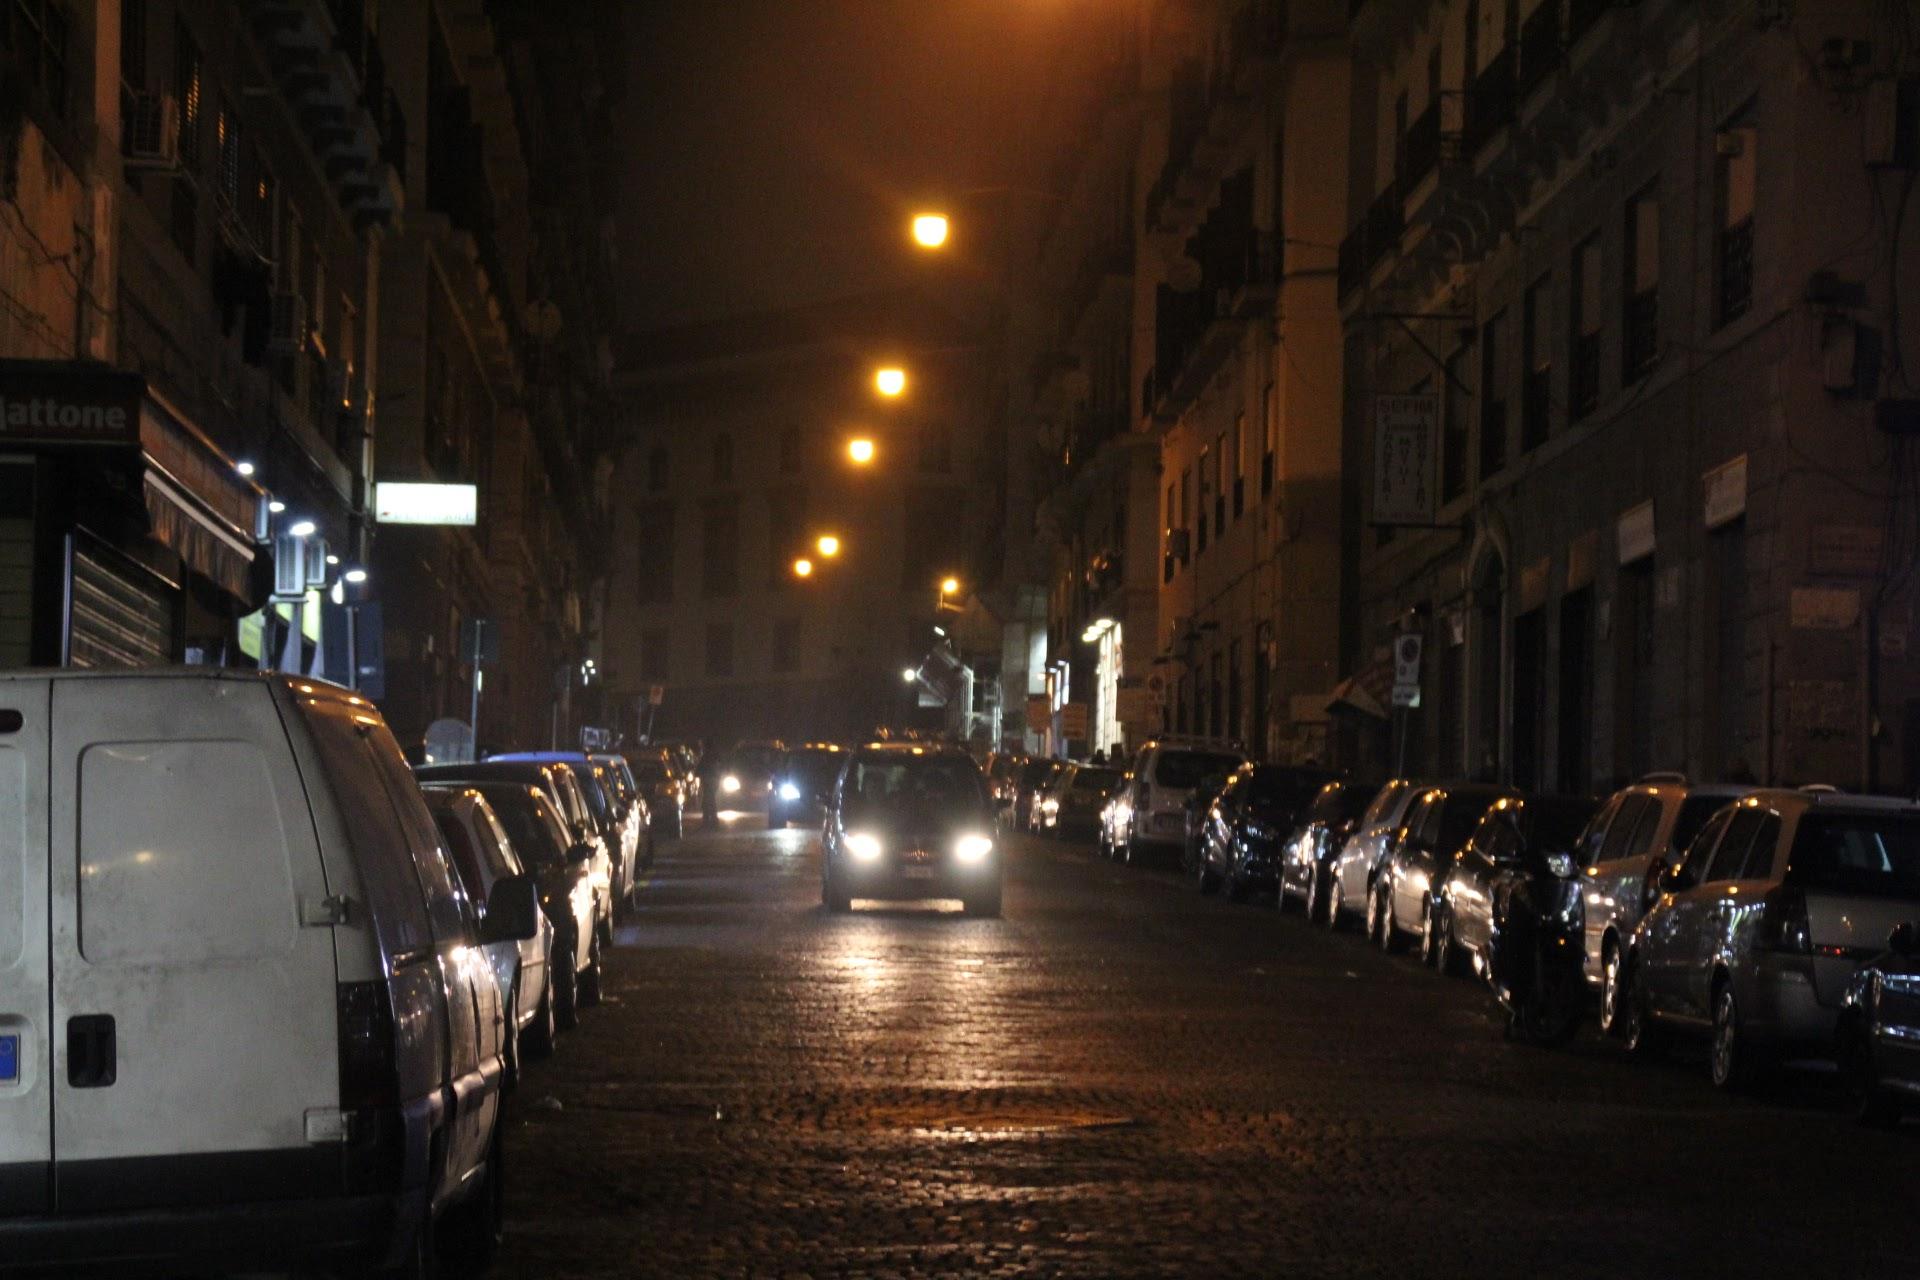 これでわかるナポリの治安!ナポリで500時間以上歩いた留学経験者が犯罪事例や注意点を徹底解説!